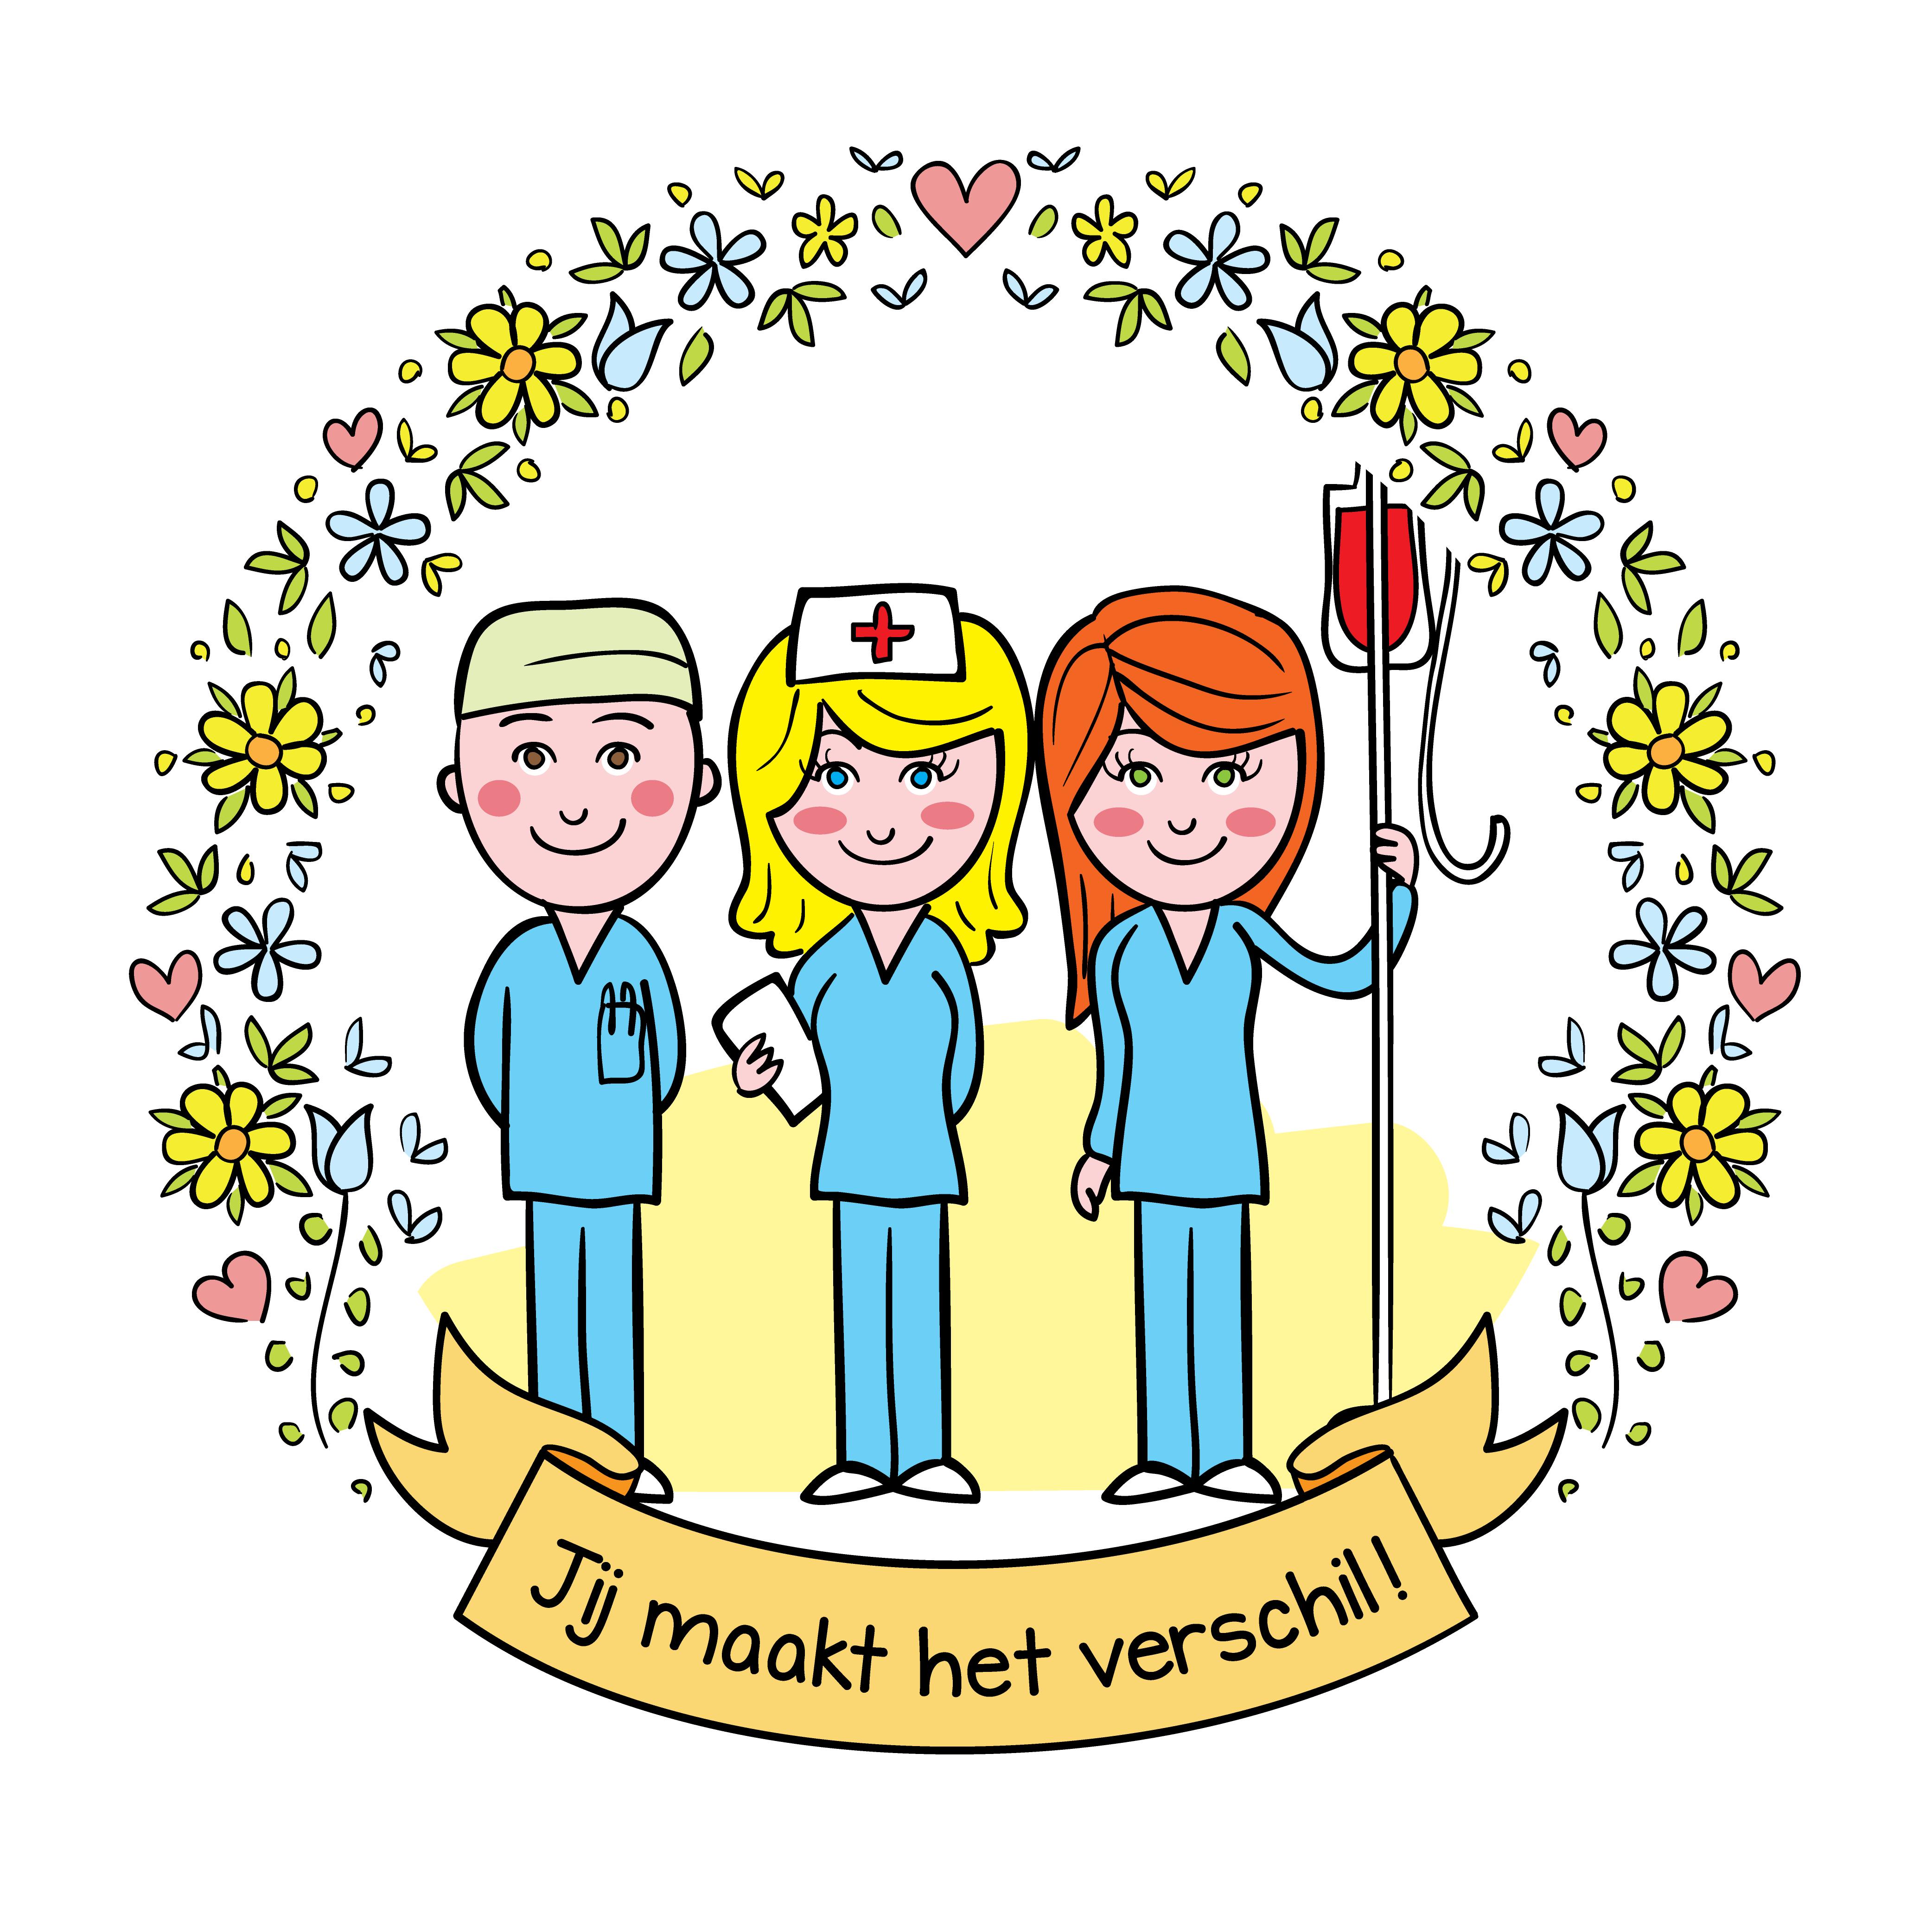 cadeau zorgmedewerkers jij maakt het verschil sticker